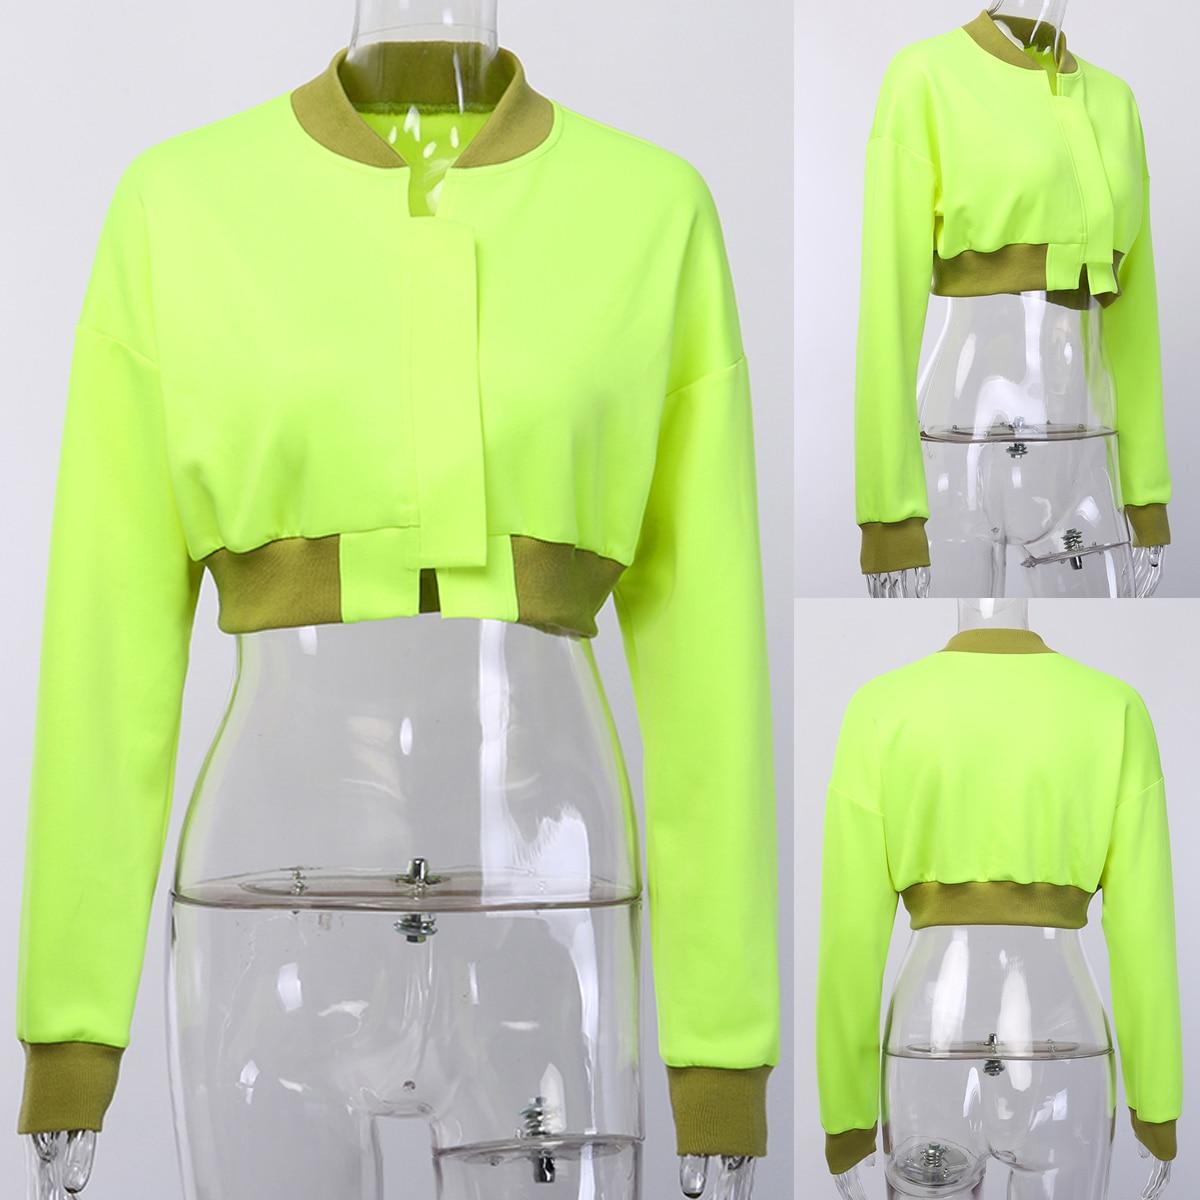 Hf584d0bb0dbf4474bdefe6ddbbdb94b0z Neon Green Cropped Jacket Women Streetwear Outwear Windbreaker Bomber Baseball Coats and Jackets Autumn 2019